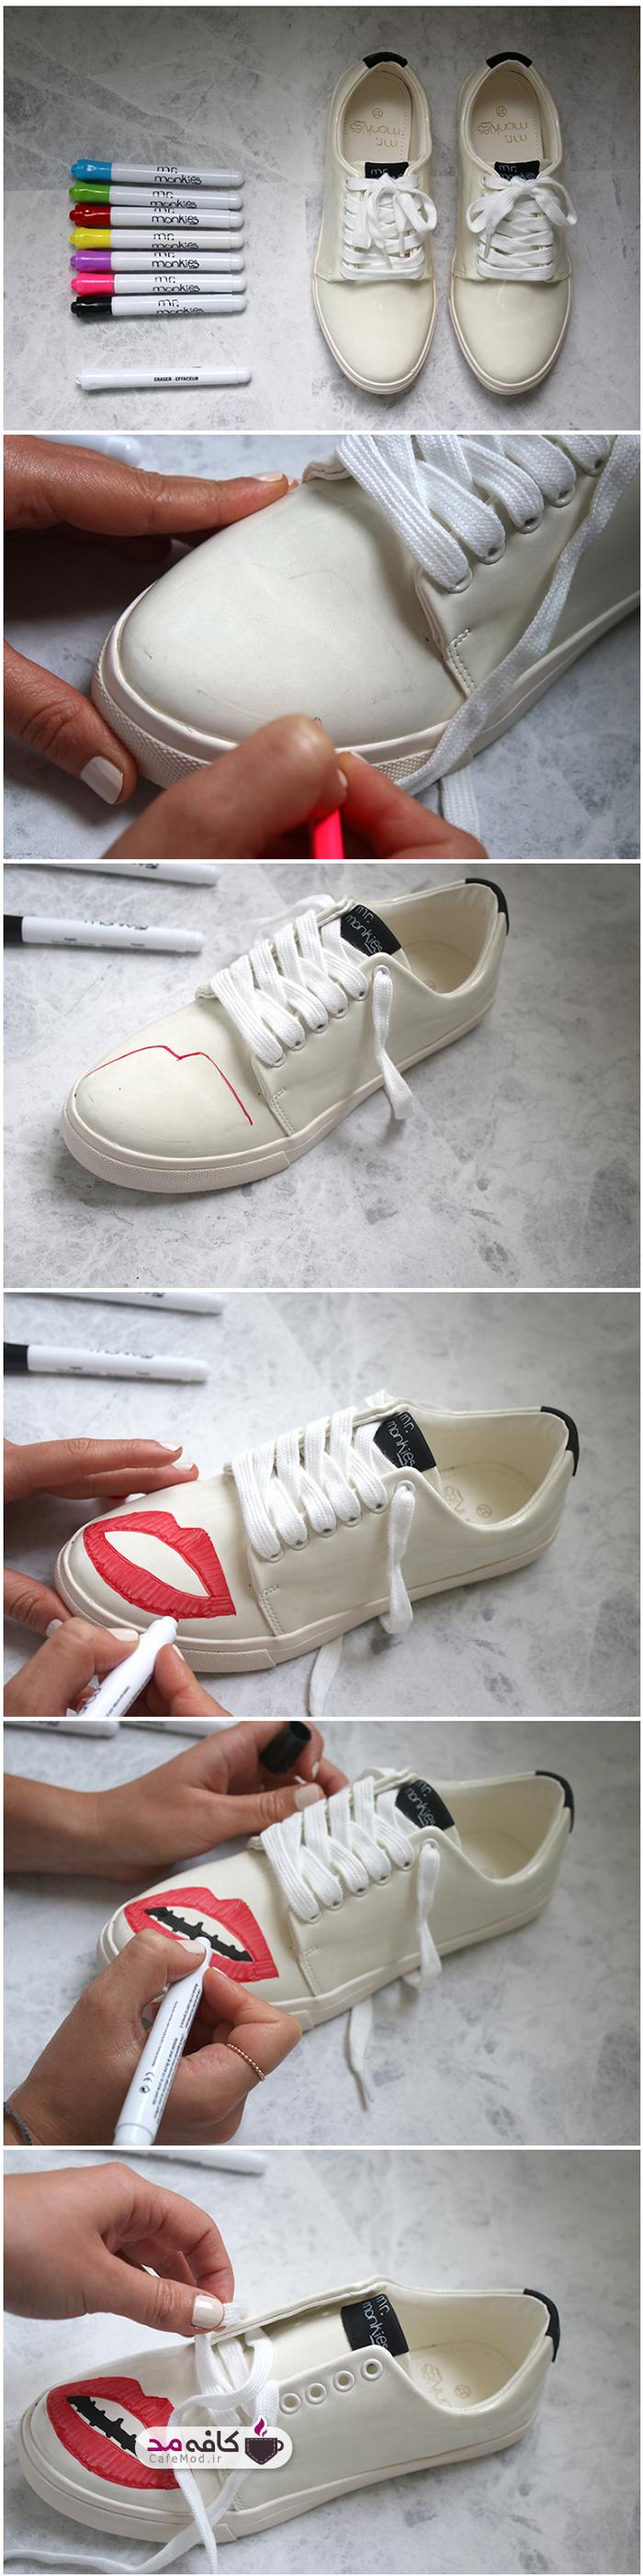 آموزش تصویری طرح لب روی کفش